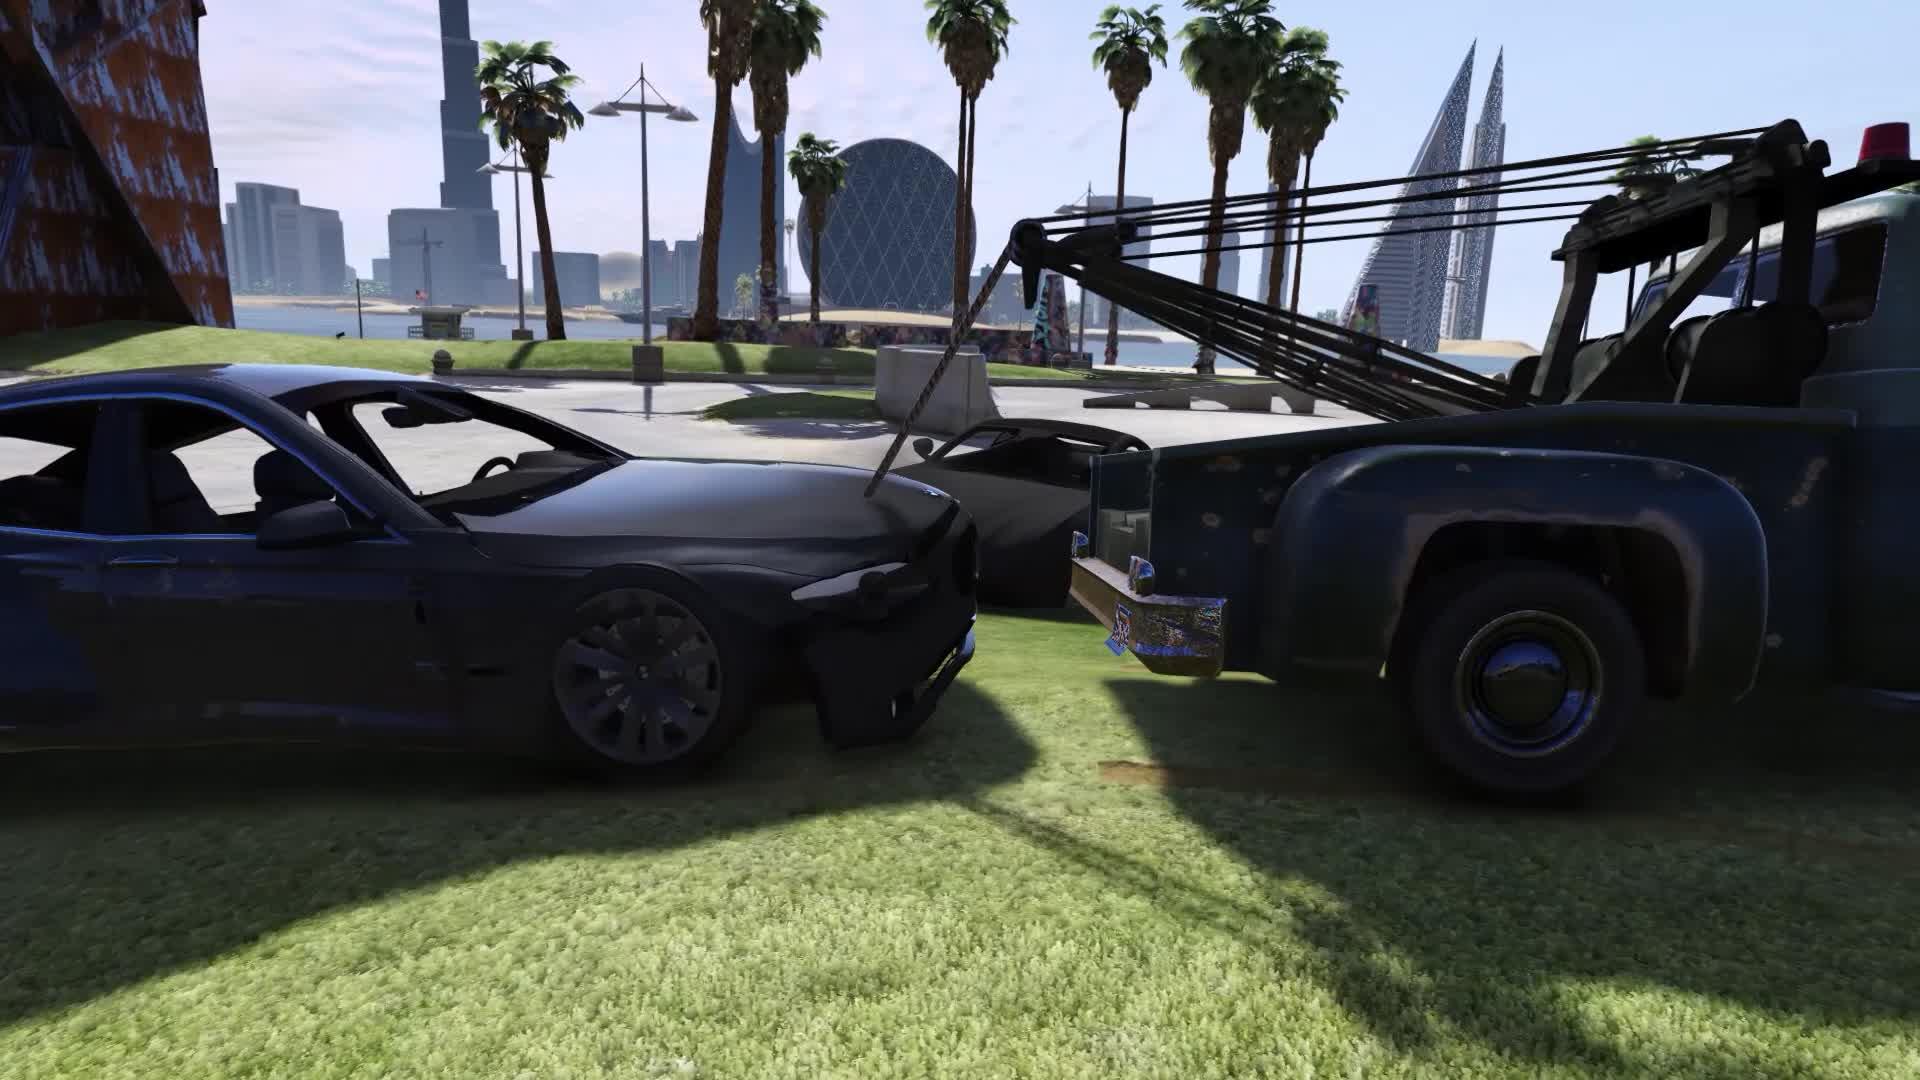 gta5大型车包,真实车辆,修改版